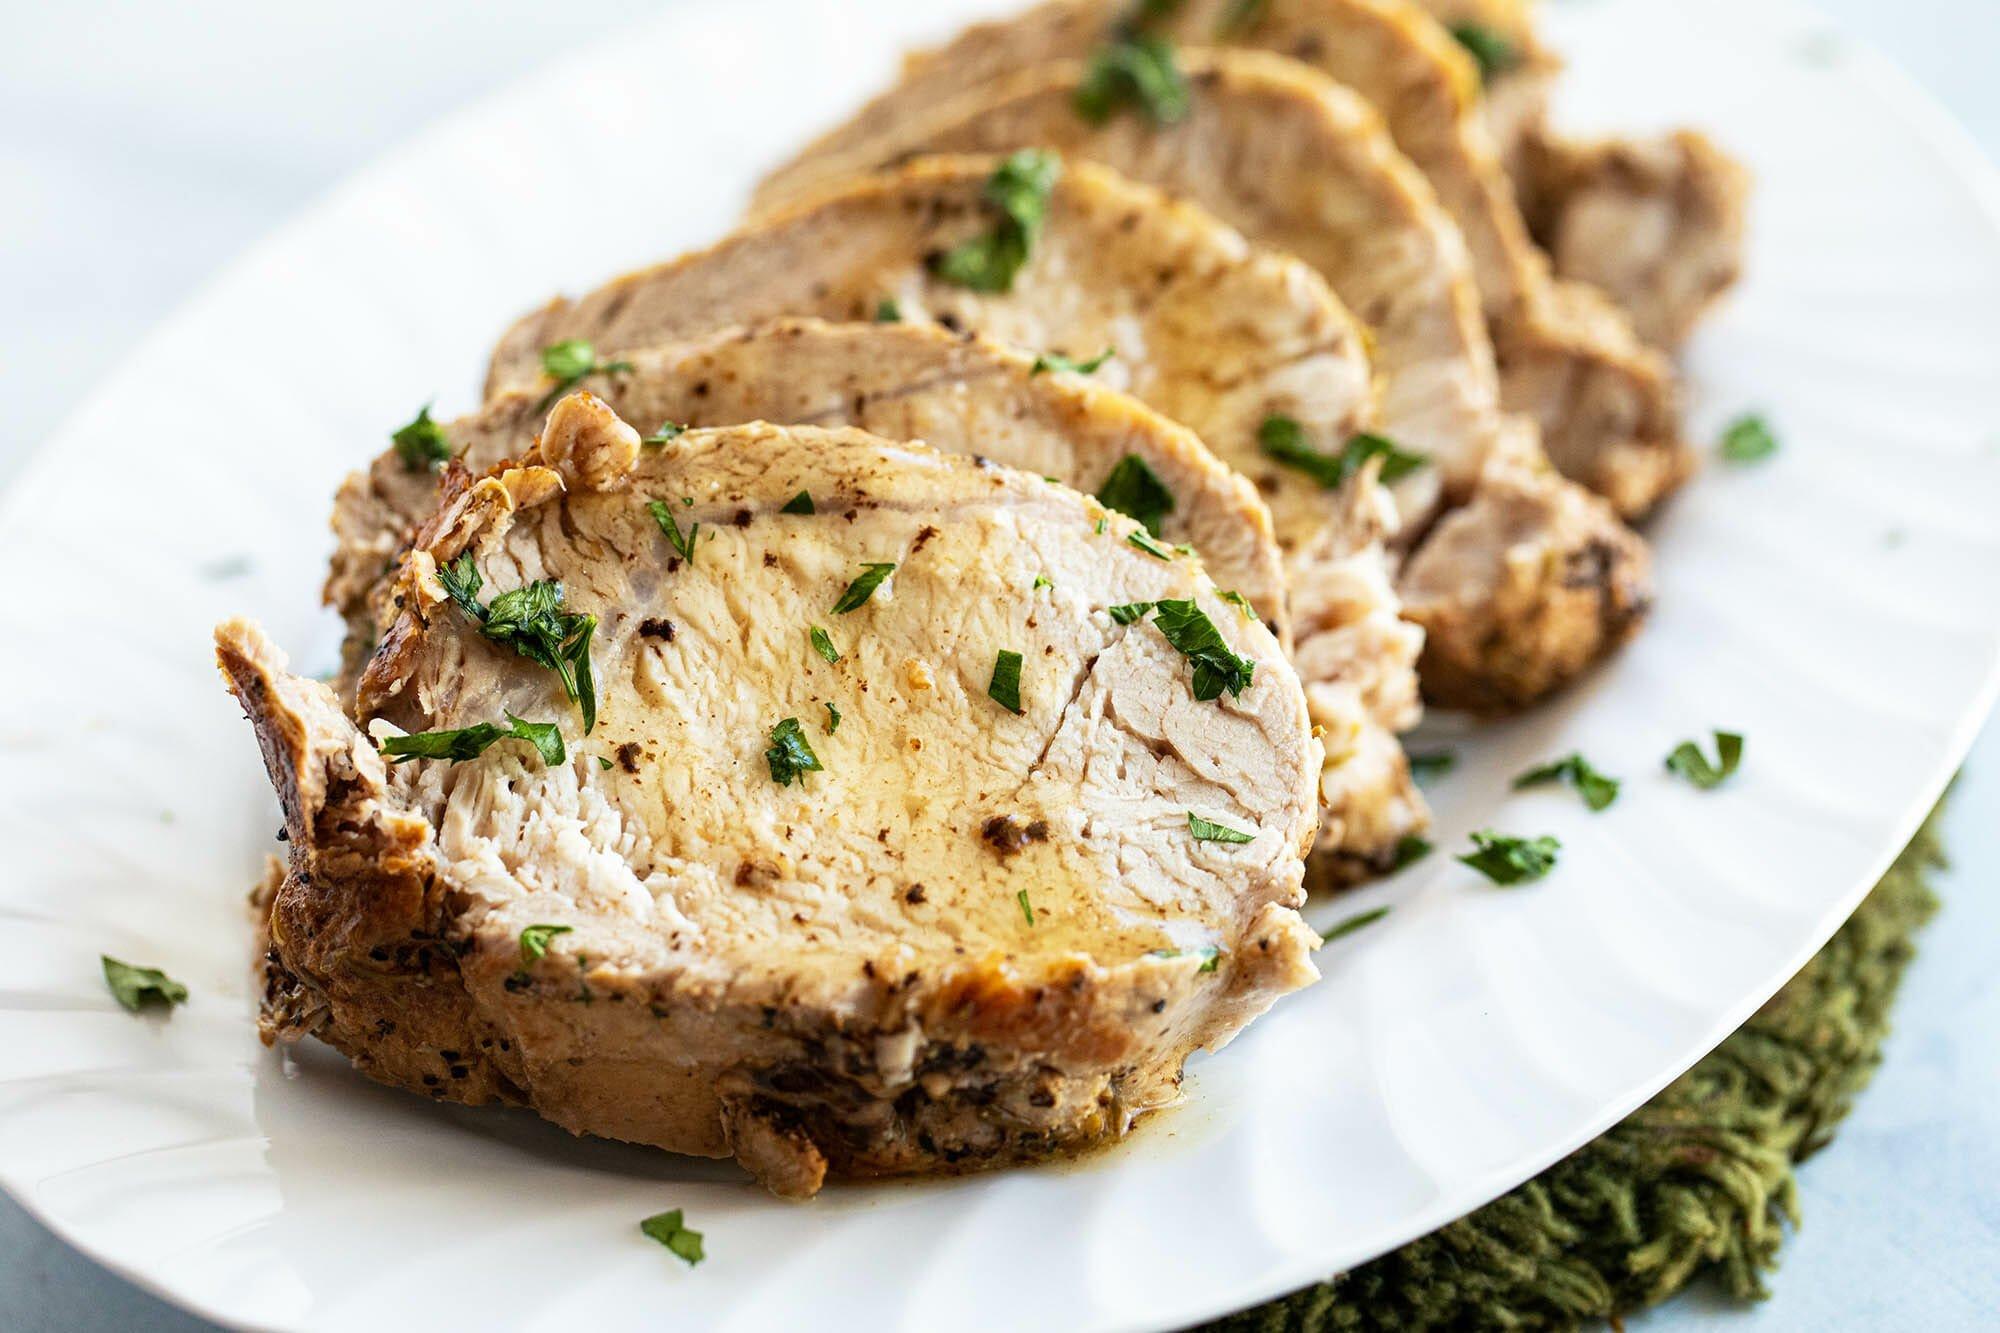 Толстые ломтики легкой свинины нарезаны на блюде. 